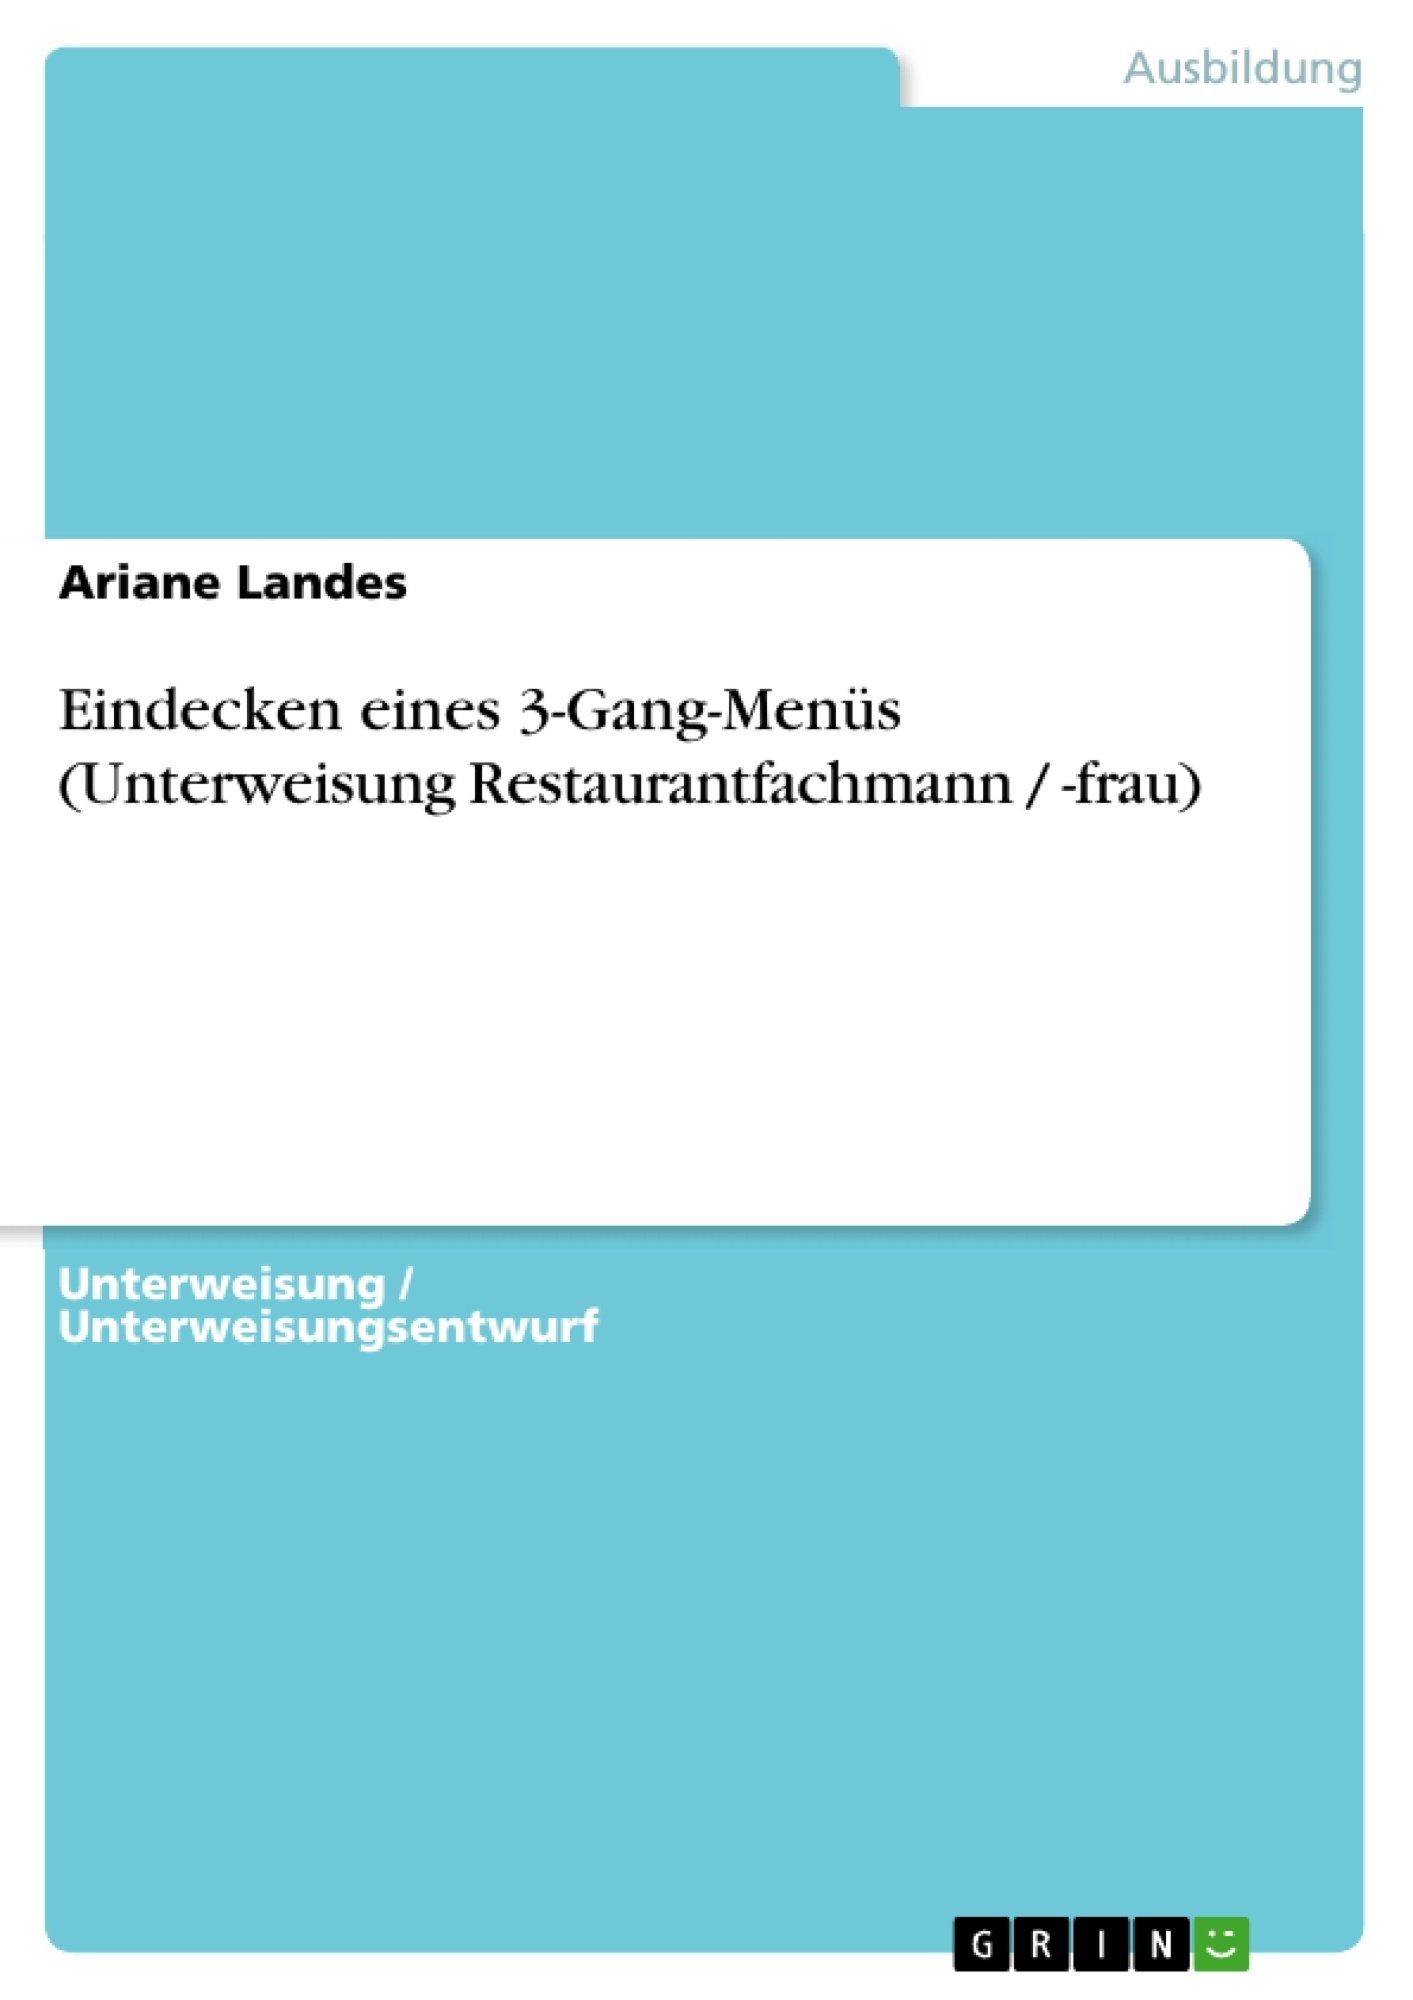 Titel: Eindecken eines 3-Gang-Menüs (Unterweisung Restaurantfachmann / -frau)